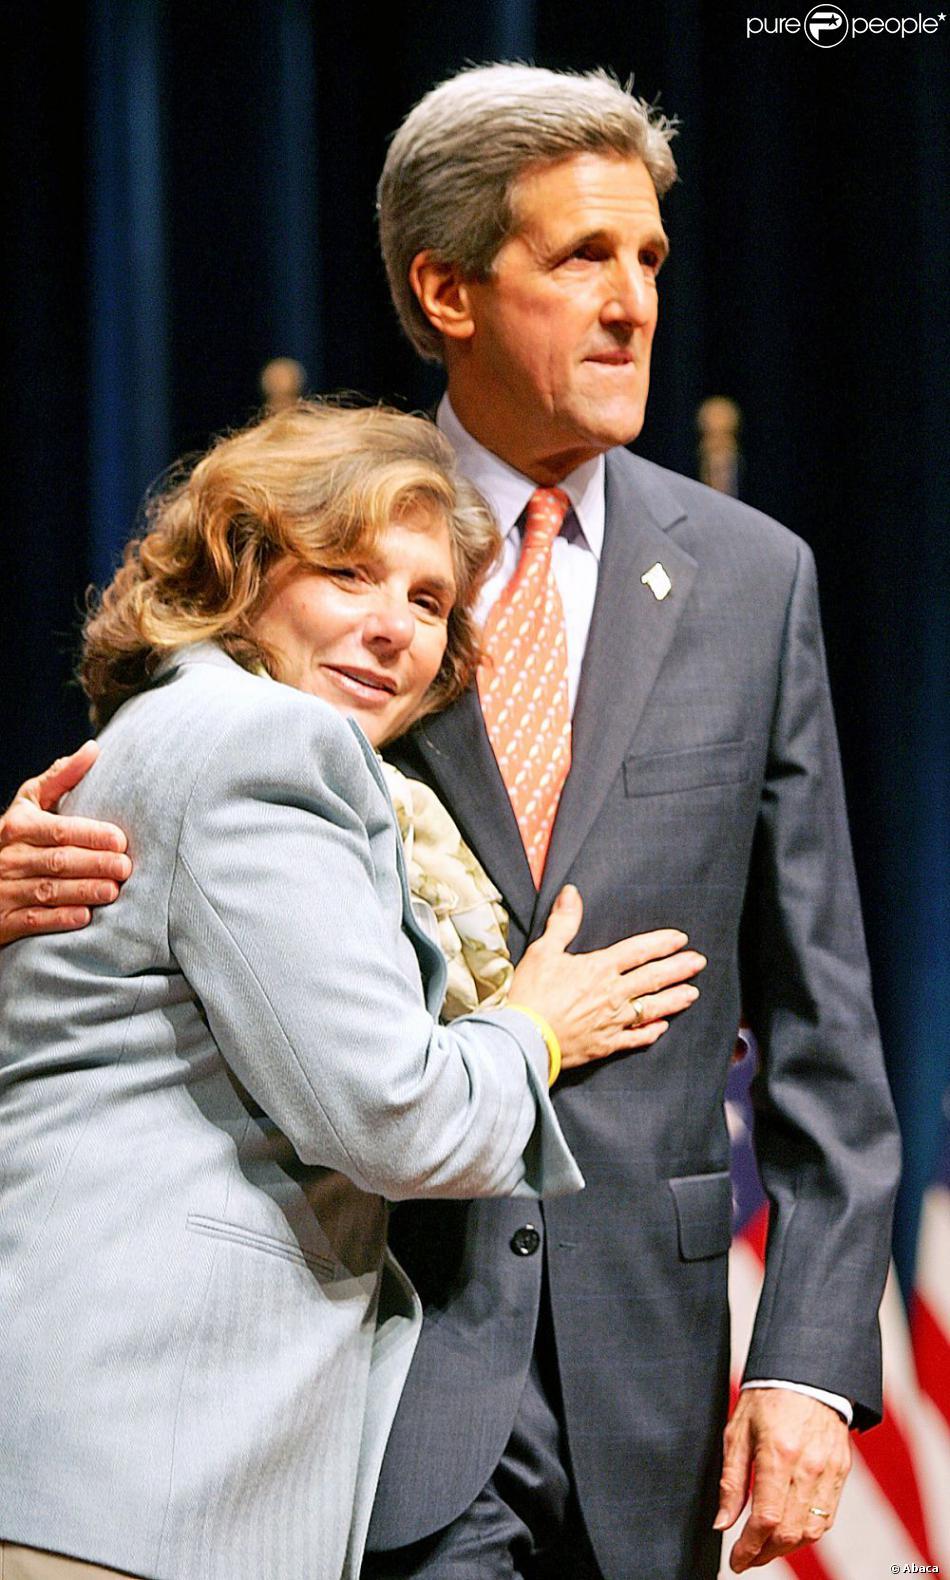 John Kerry et sa femme Teresa Heinz Kerry après un discours à New York le 20 septembre 2004